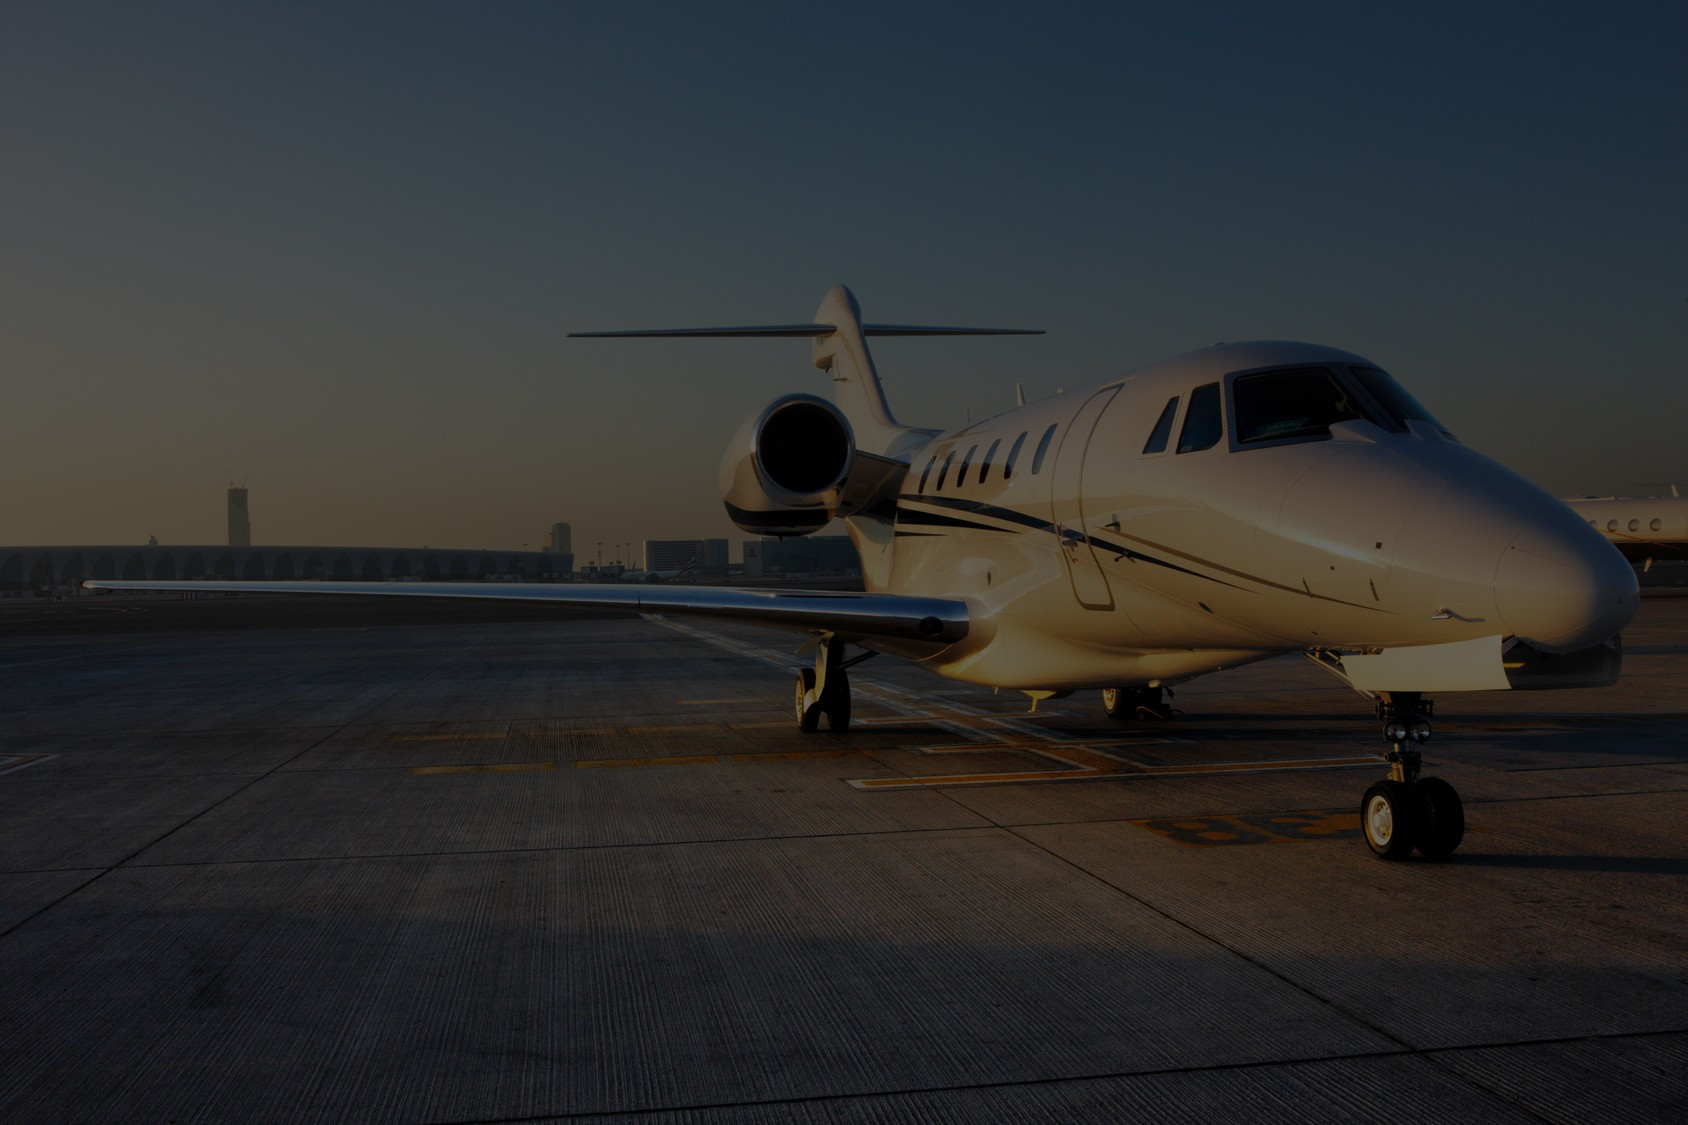 Prueba banner guia aviones con transparencia.jpg